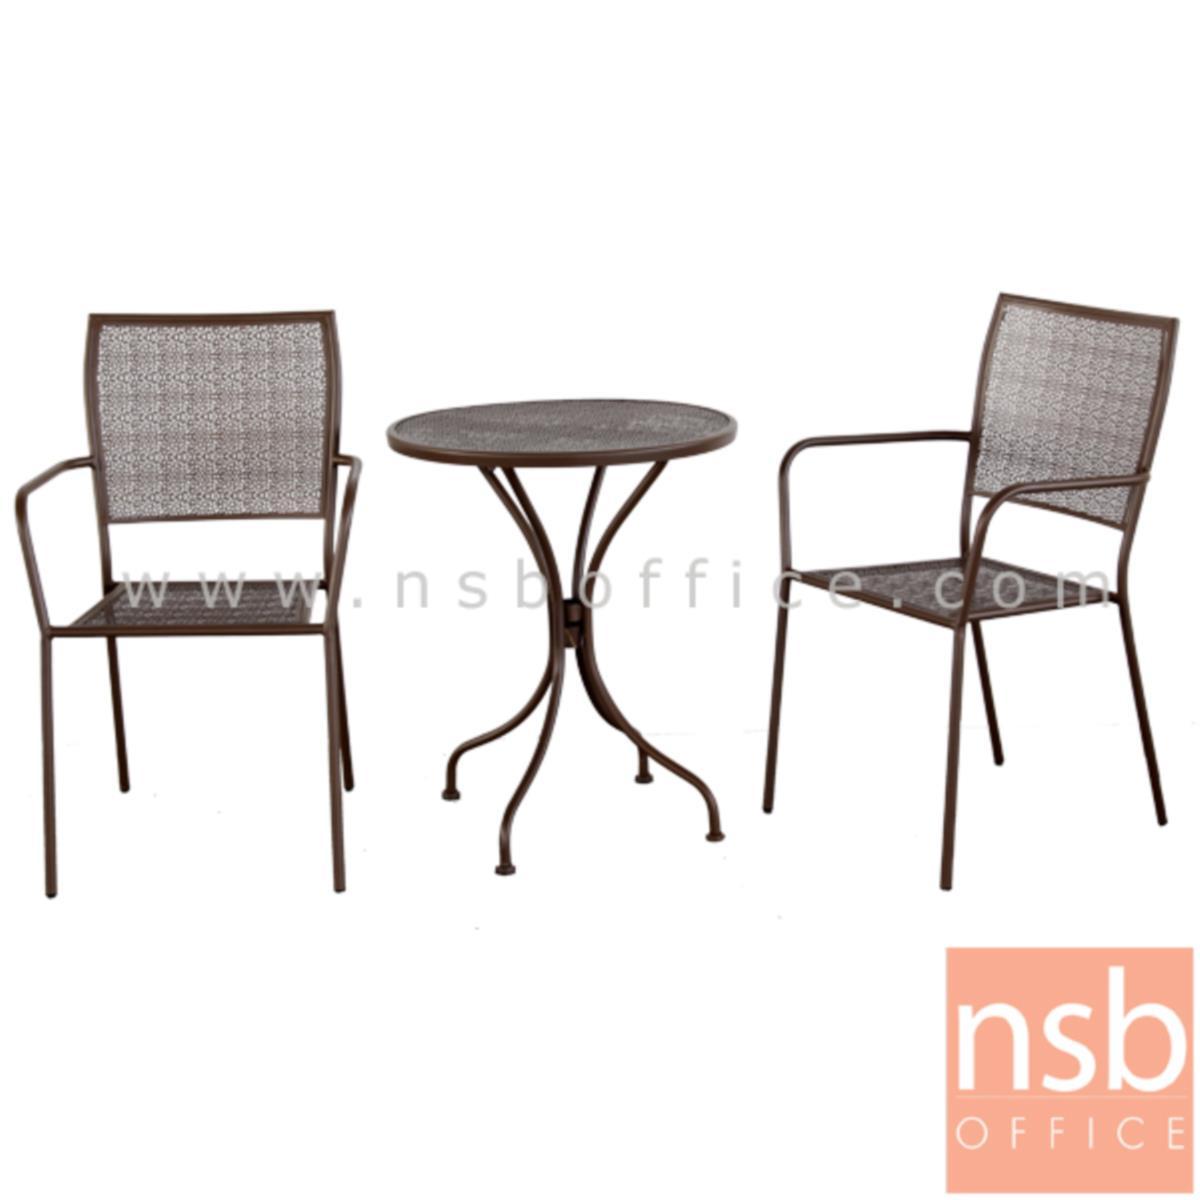 โต๊ะสนามโครงเหล็กหน้าท็อปกลม 60Di รุ่น COTTAGE-01 ขาเหล็กพ่นสี (ไม่รวมเก้าอี้)